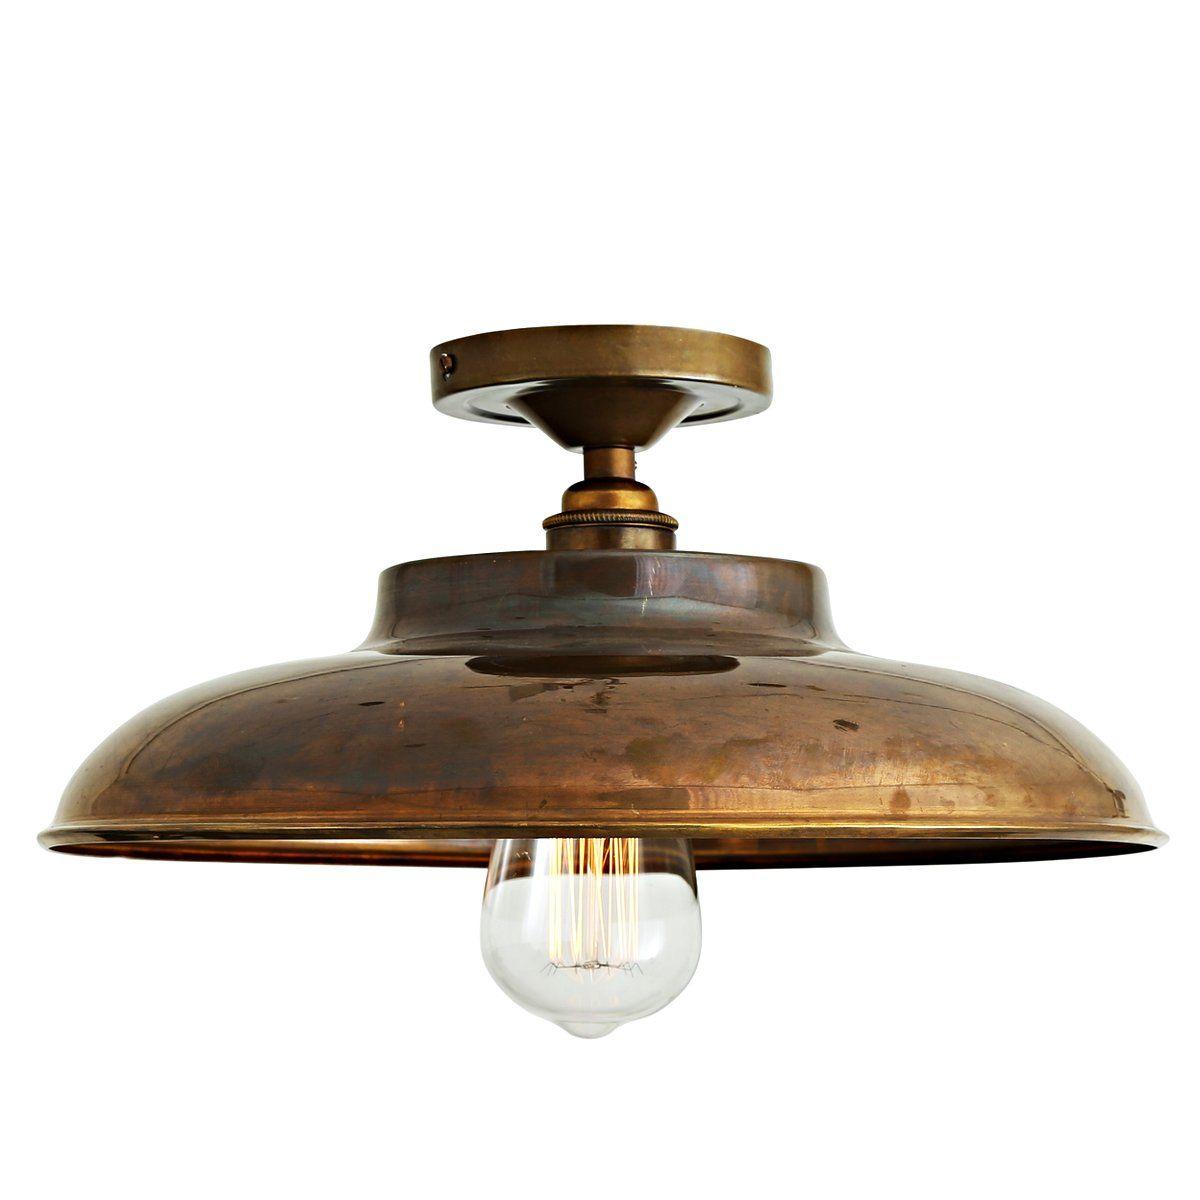 Verschiedene Messing Deckenlampe Foto Von Flache Trie-deckenleuchte Ø 32 Cm Von Aire